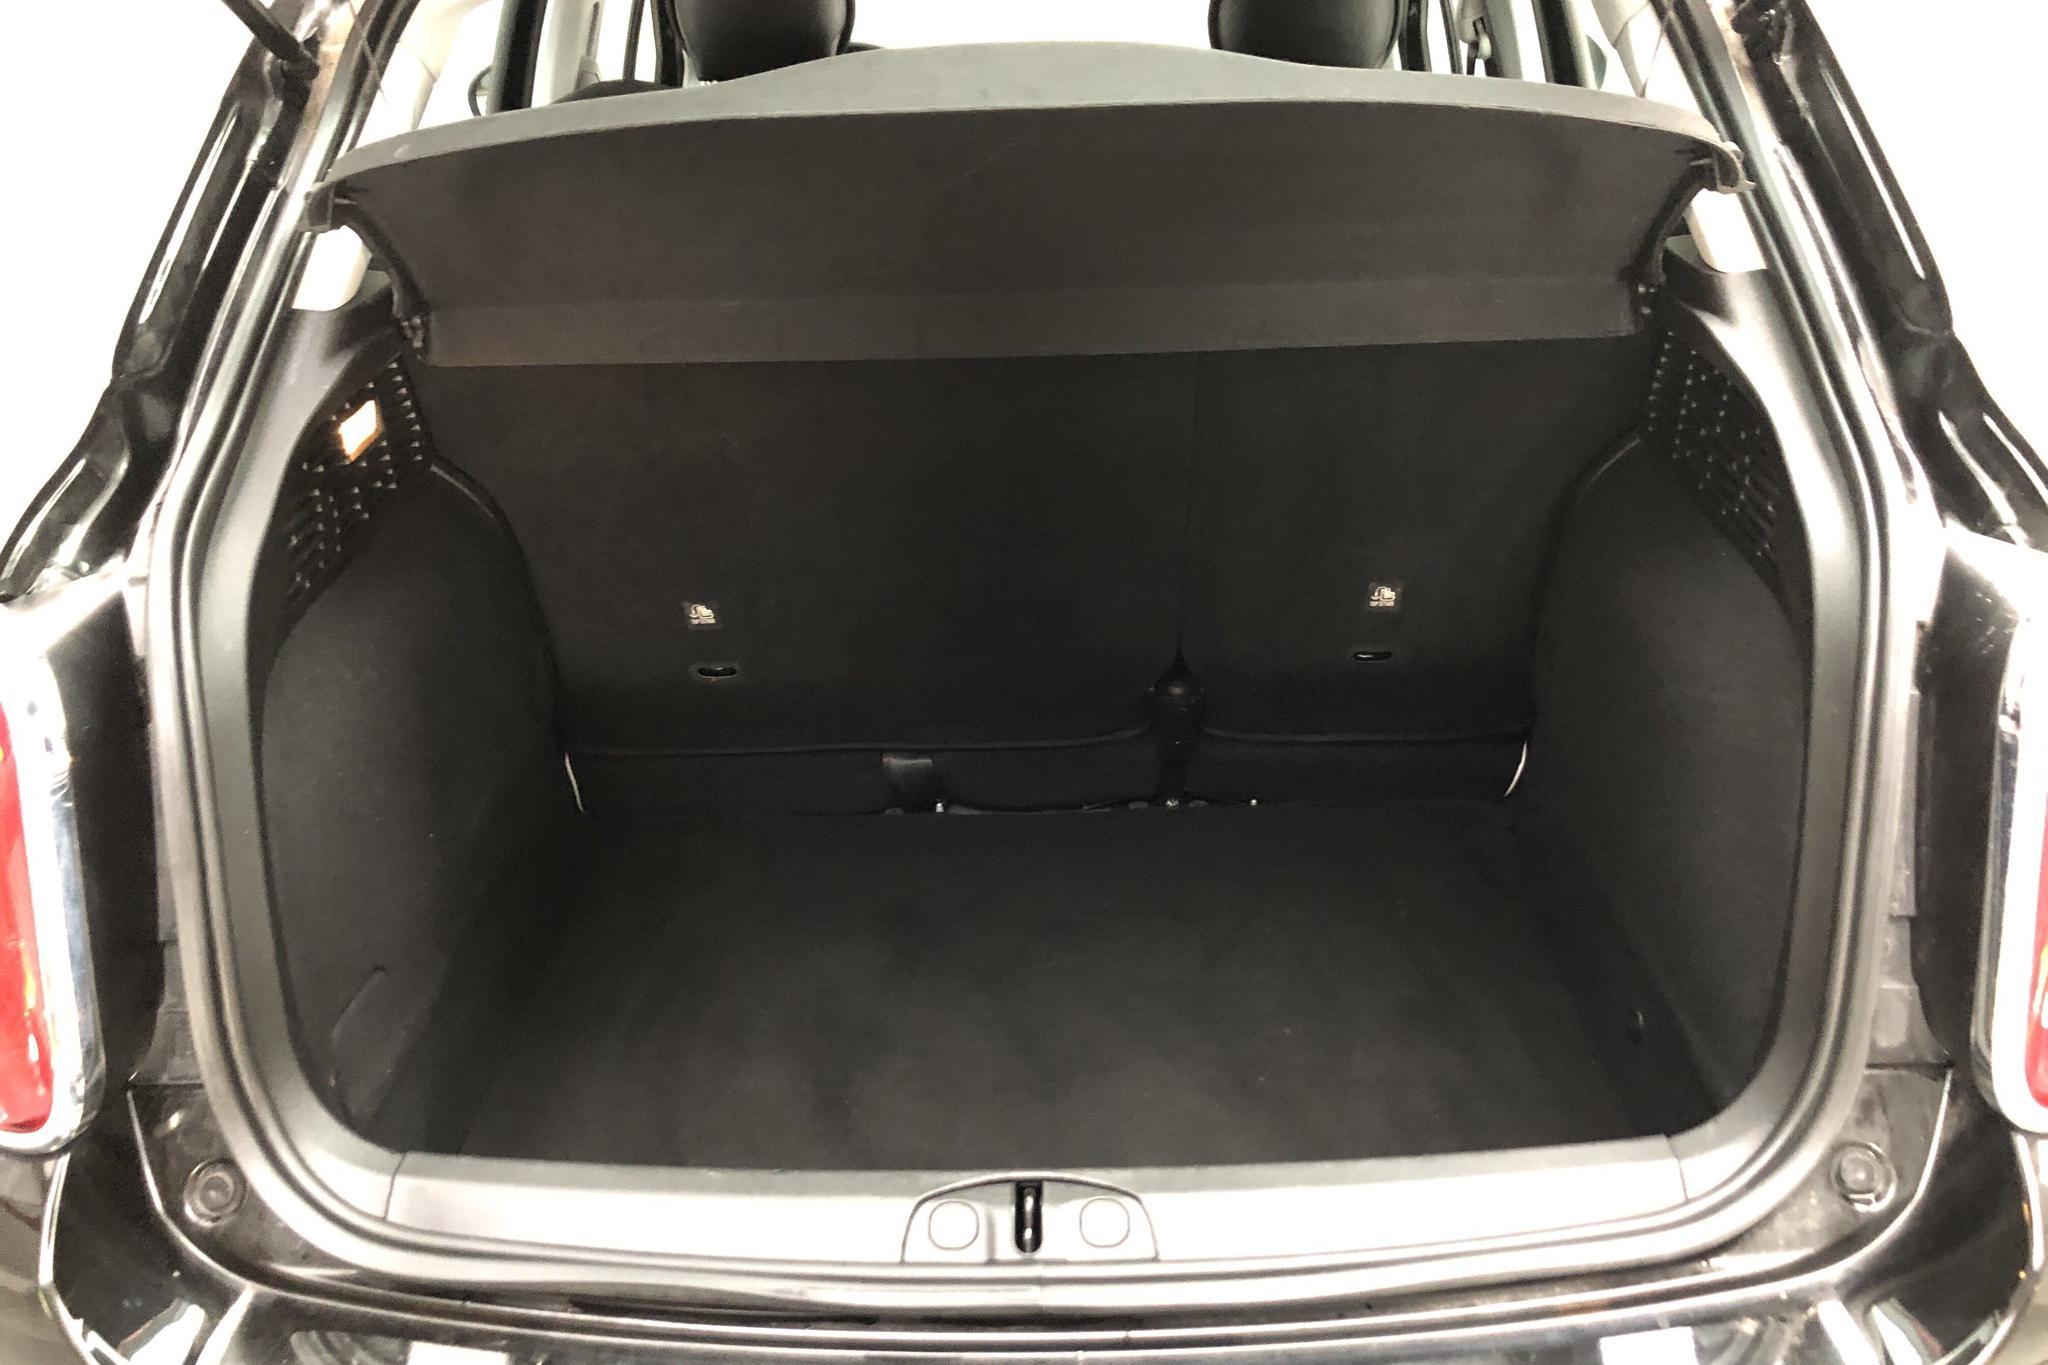 Fiat 500X 1.6 E-torq (110hk) - 2 278 mil - Manuell - svart - 2018